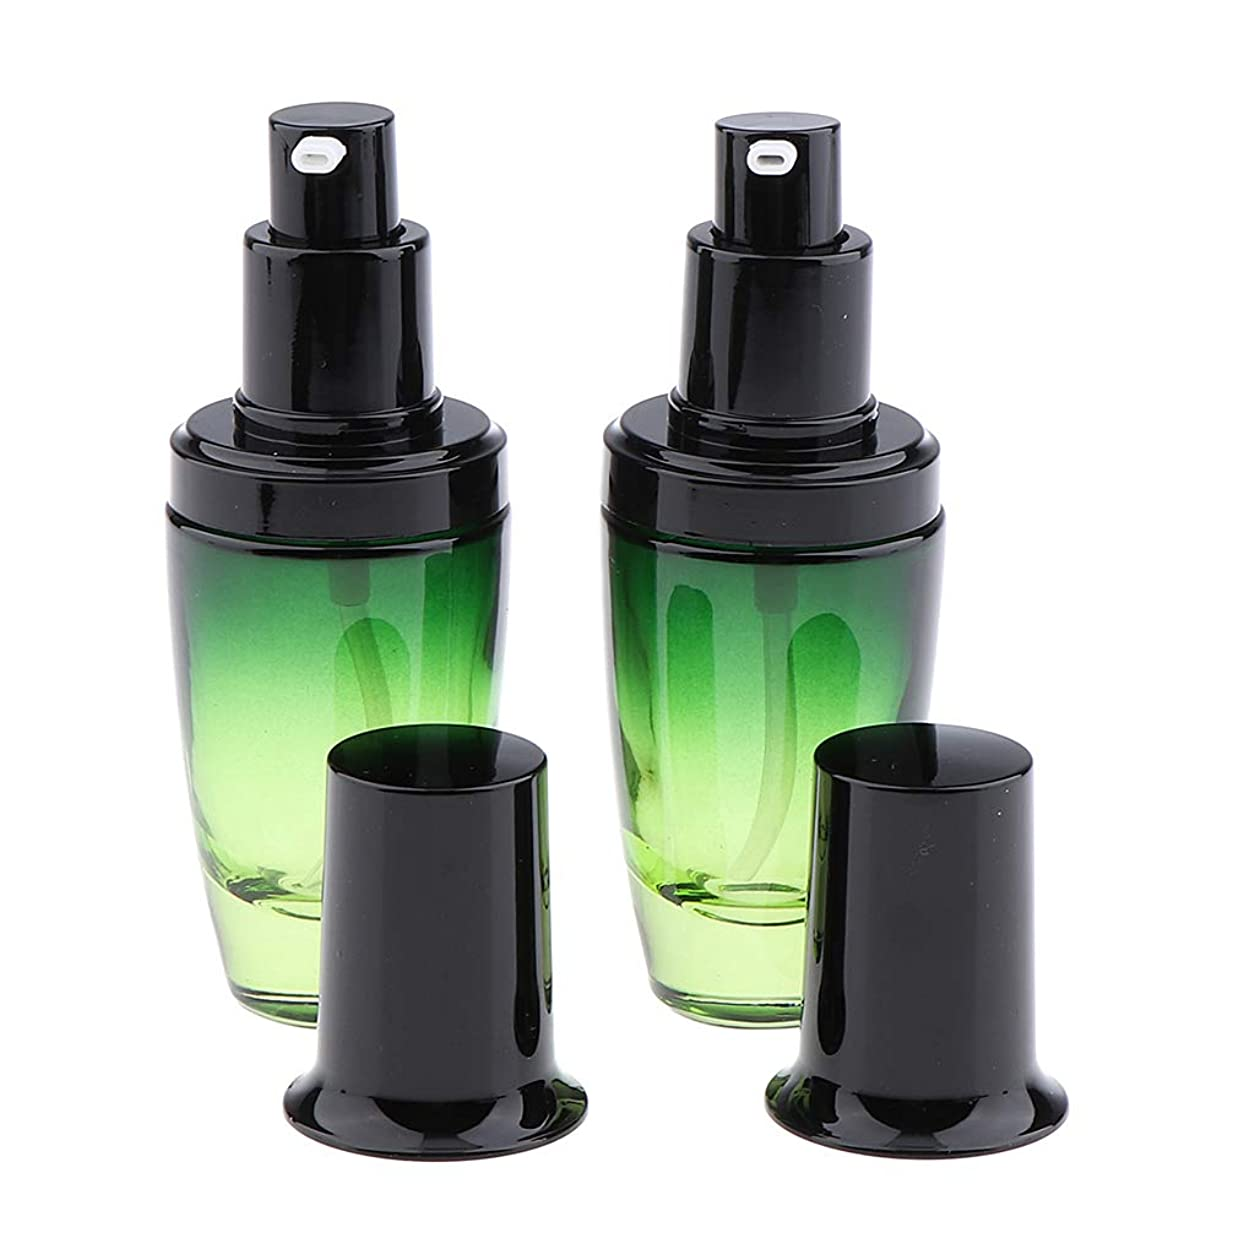 それる篭仕方F Fityle 2個 ポンプボトル ガラスボトル メイクコンテナ クリームジャー 旅行小物 3サイズ選べ - 30ミリリットル